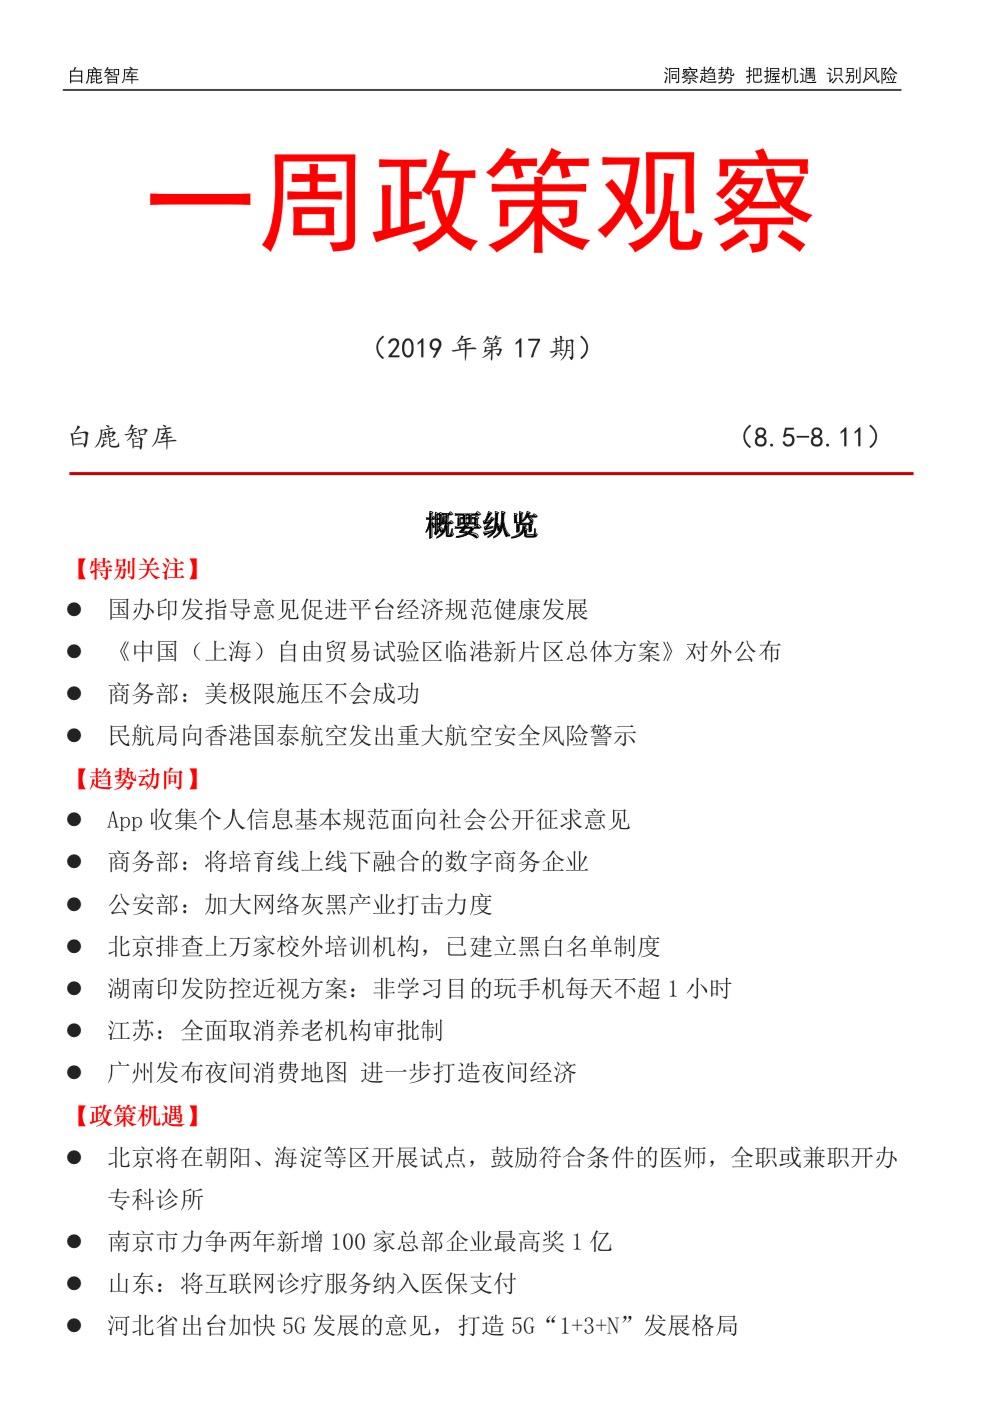 一周政策观察 (8.5-8.11)